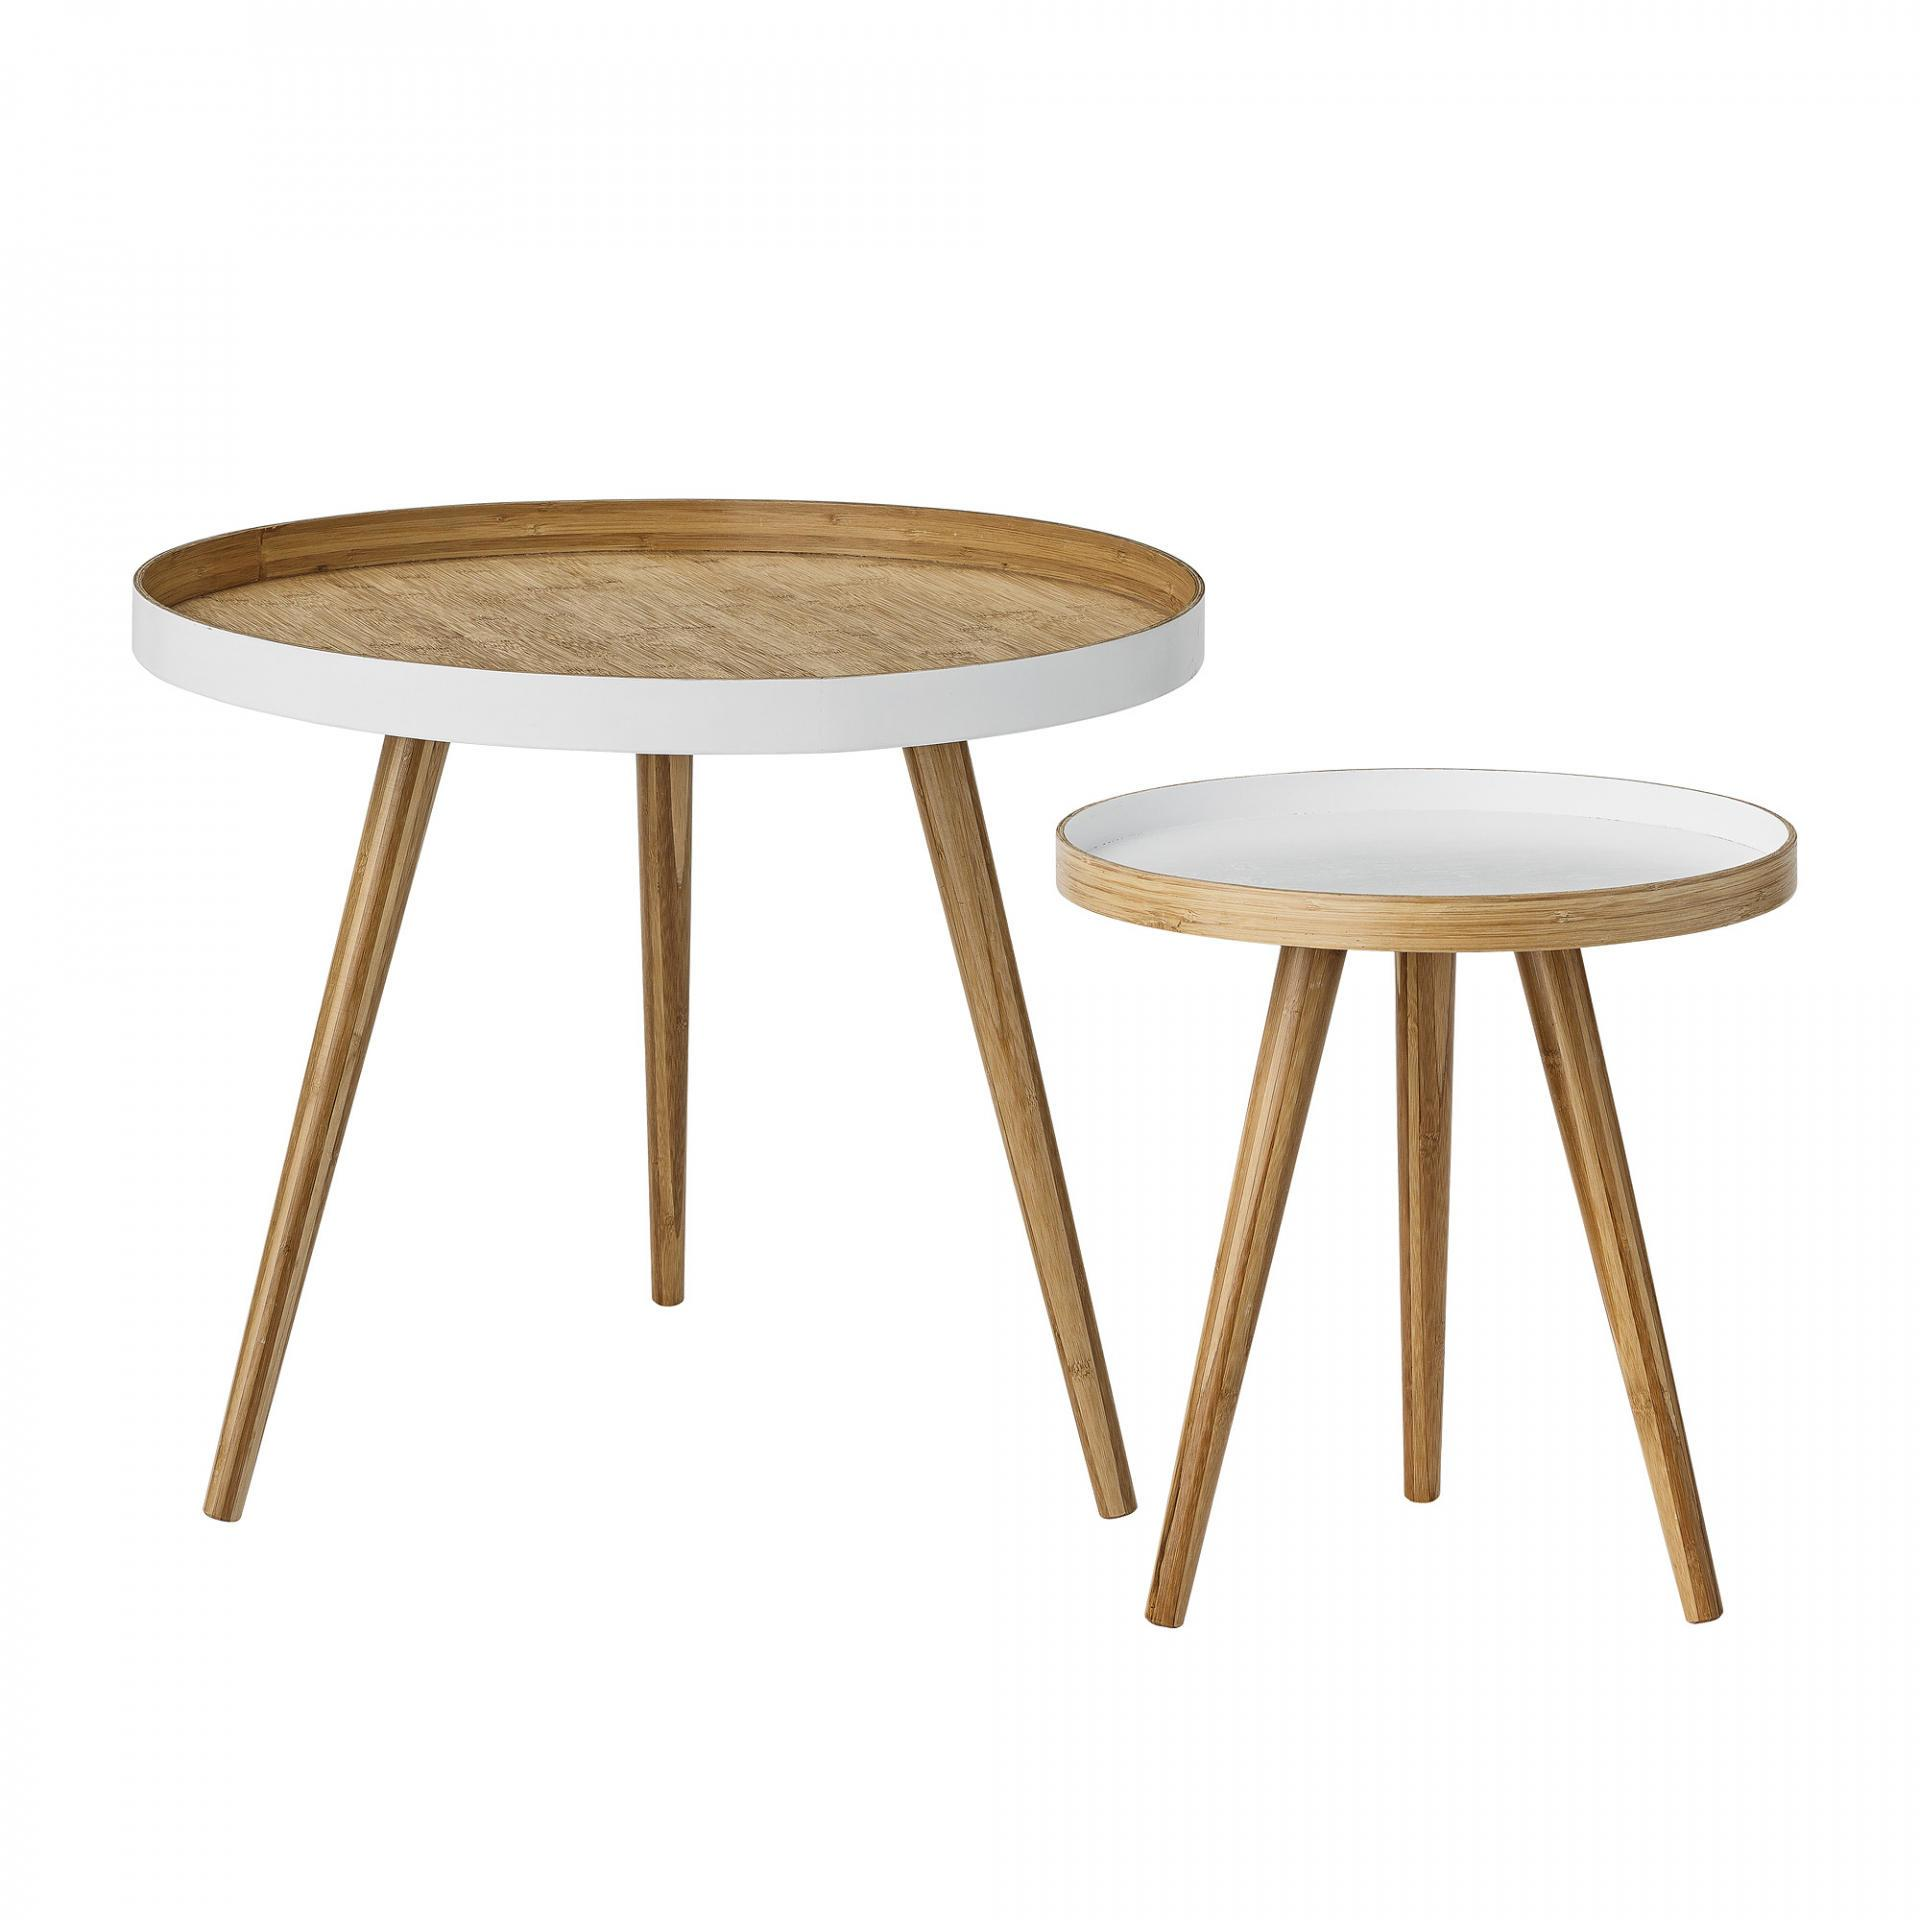 Bloomingville Bambusový stolek Bamboo round Větší, hnědá barva, dřevo